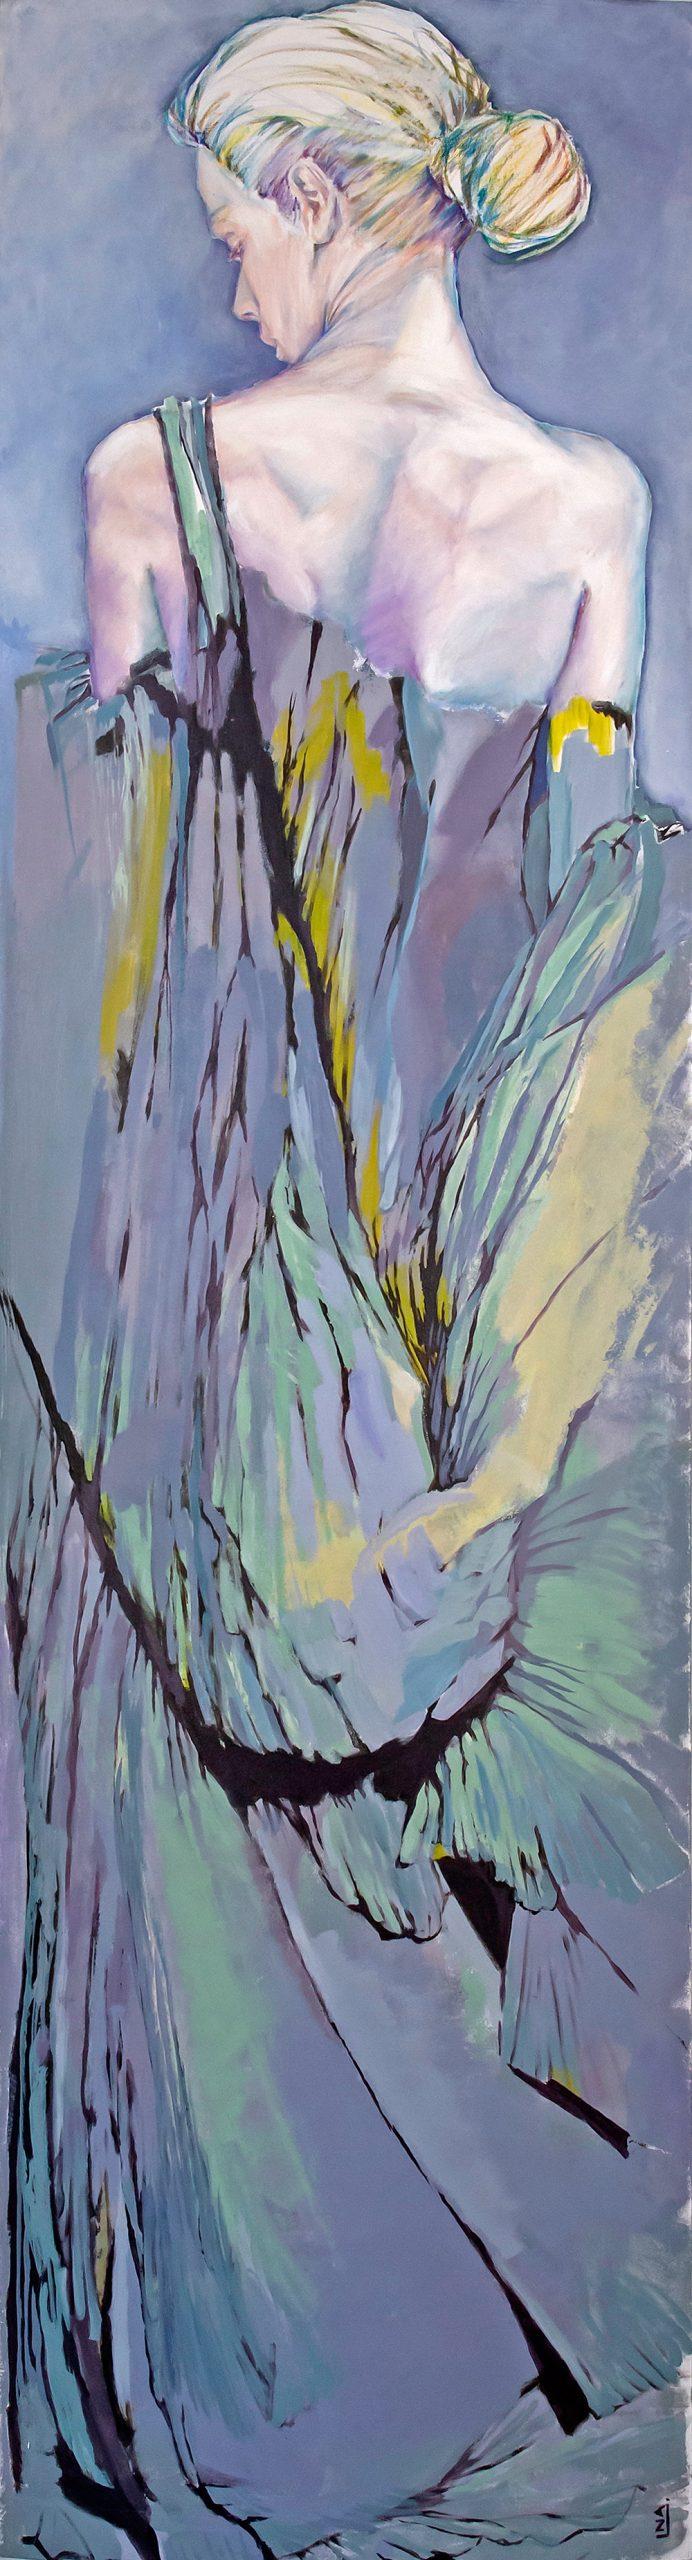 Nanou Autin, Peinture, Cassandre, Acrylique, pastels, crayon sur toile marouflée, support bois cintré (piétement tubulaire acier ou platine accroche murale), 60×220 cm – 2016